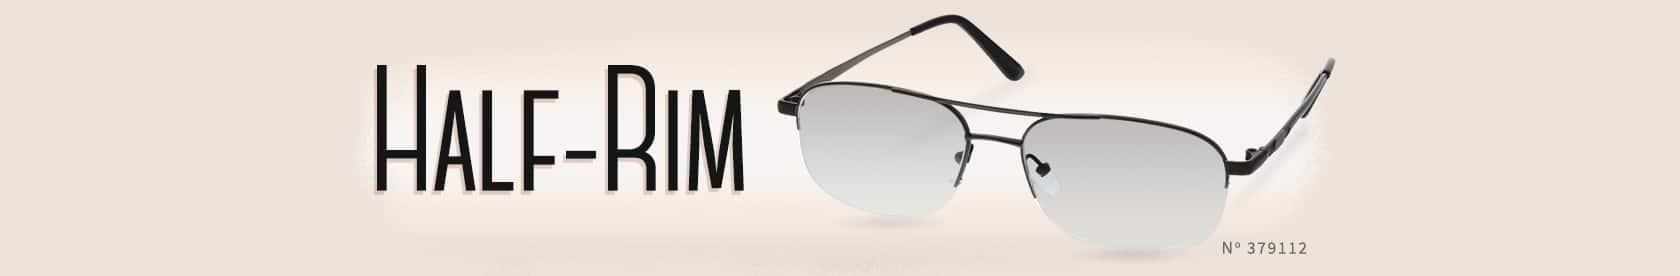 Half-Rim, frame #379112